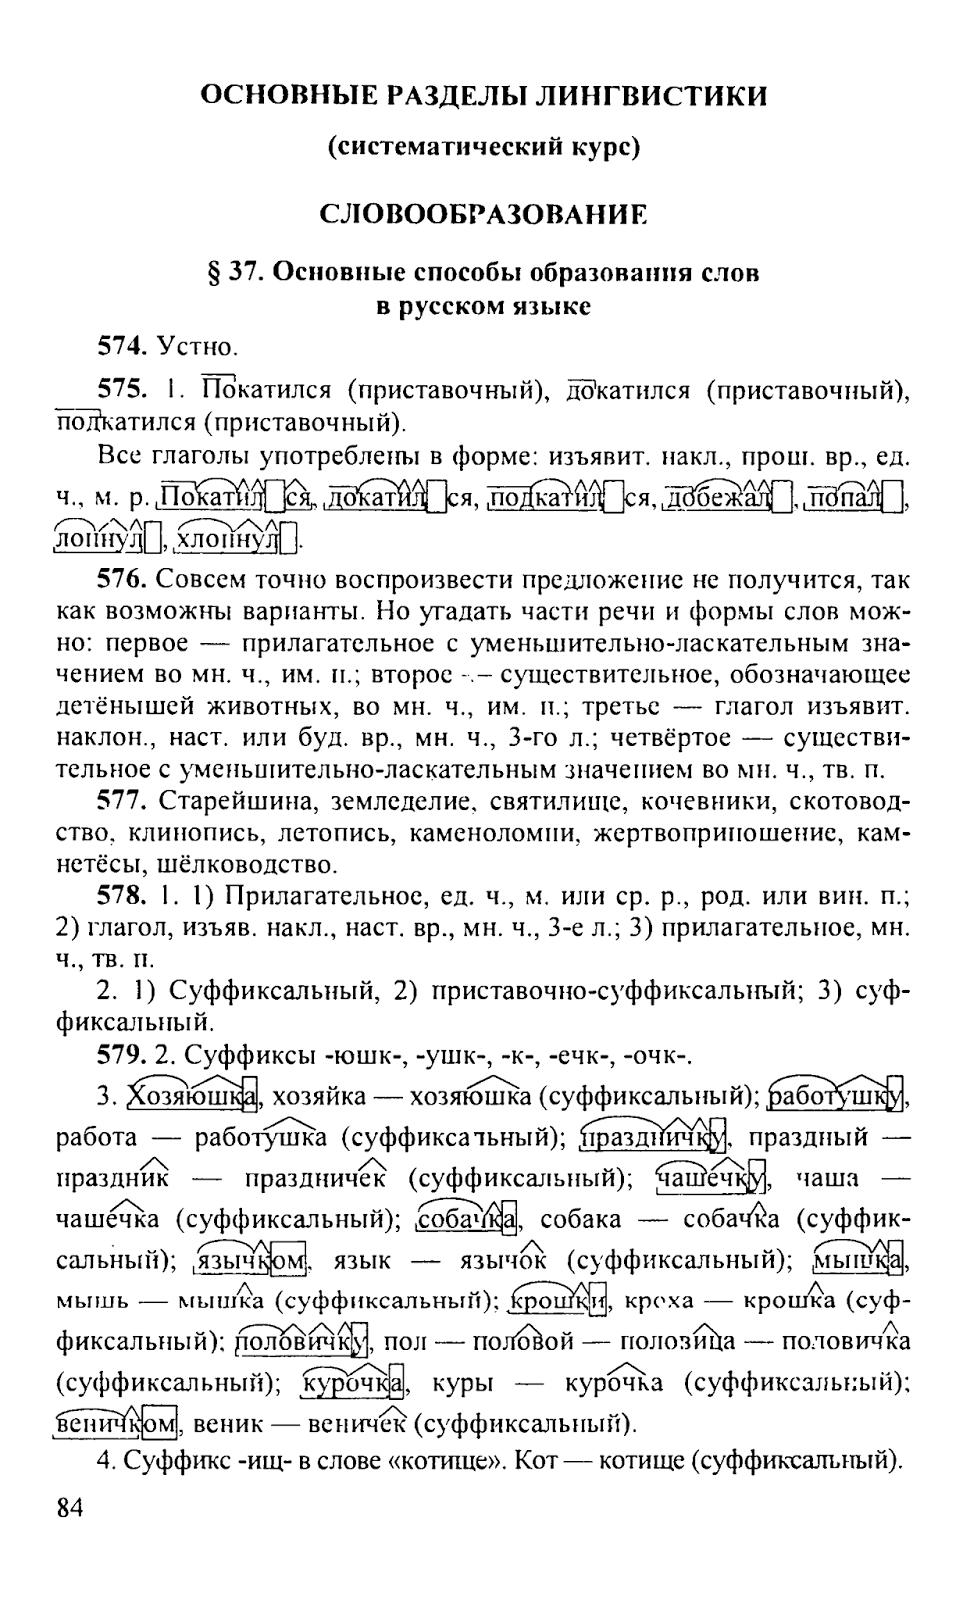 Готовые домашние задания по русскому языку 5 класс львов и львова